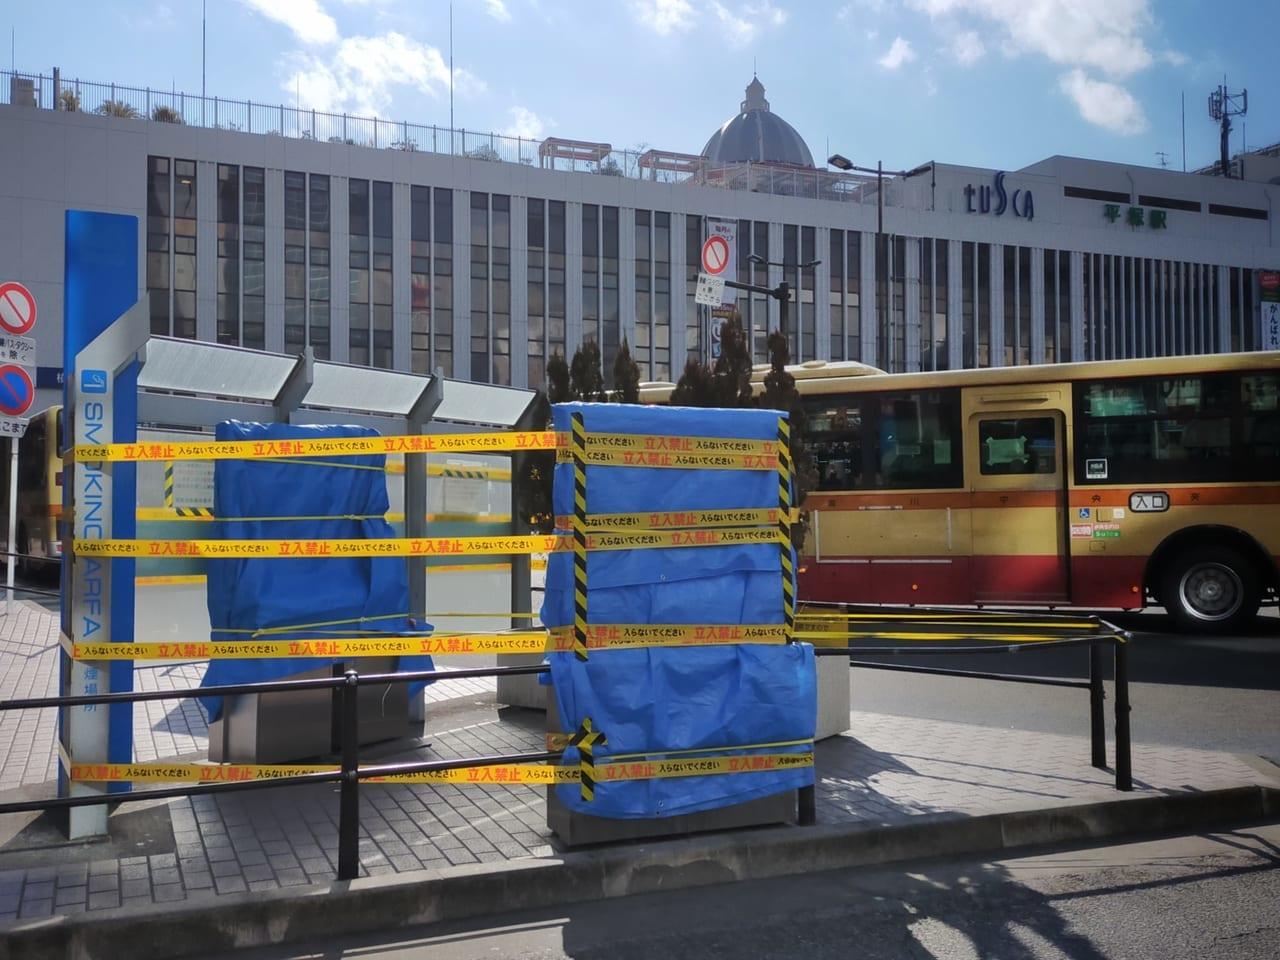 新型コロナウイルスの影響がこんなところにも。JR平塚駅前の喫煙スペースが閉鎖されています。